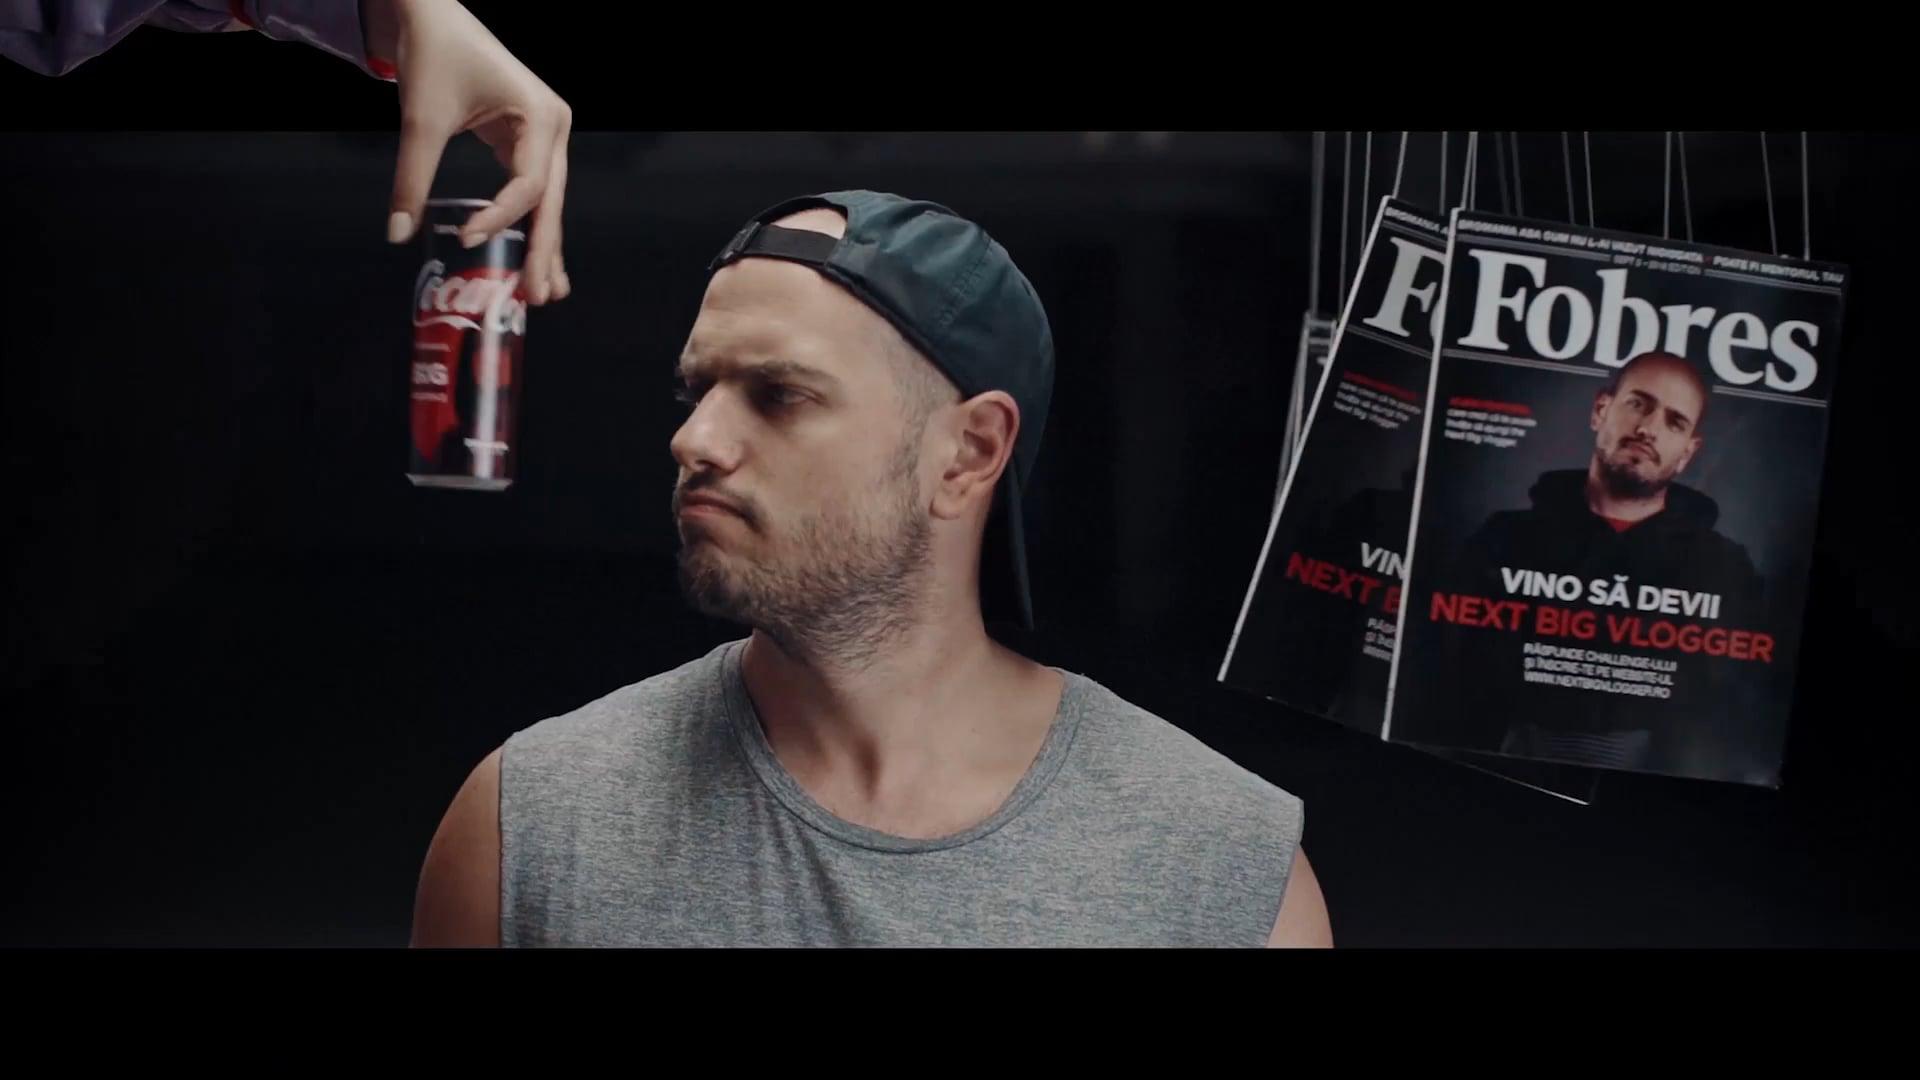 Coca Cola: Next Big Vlogger II